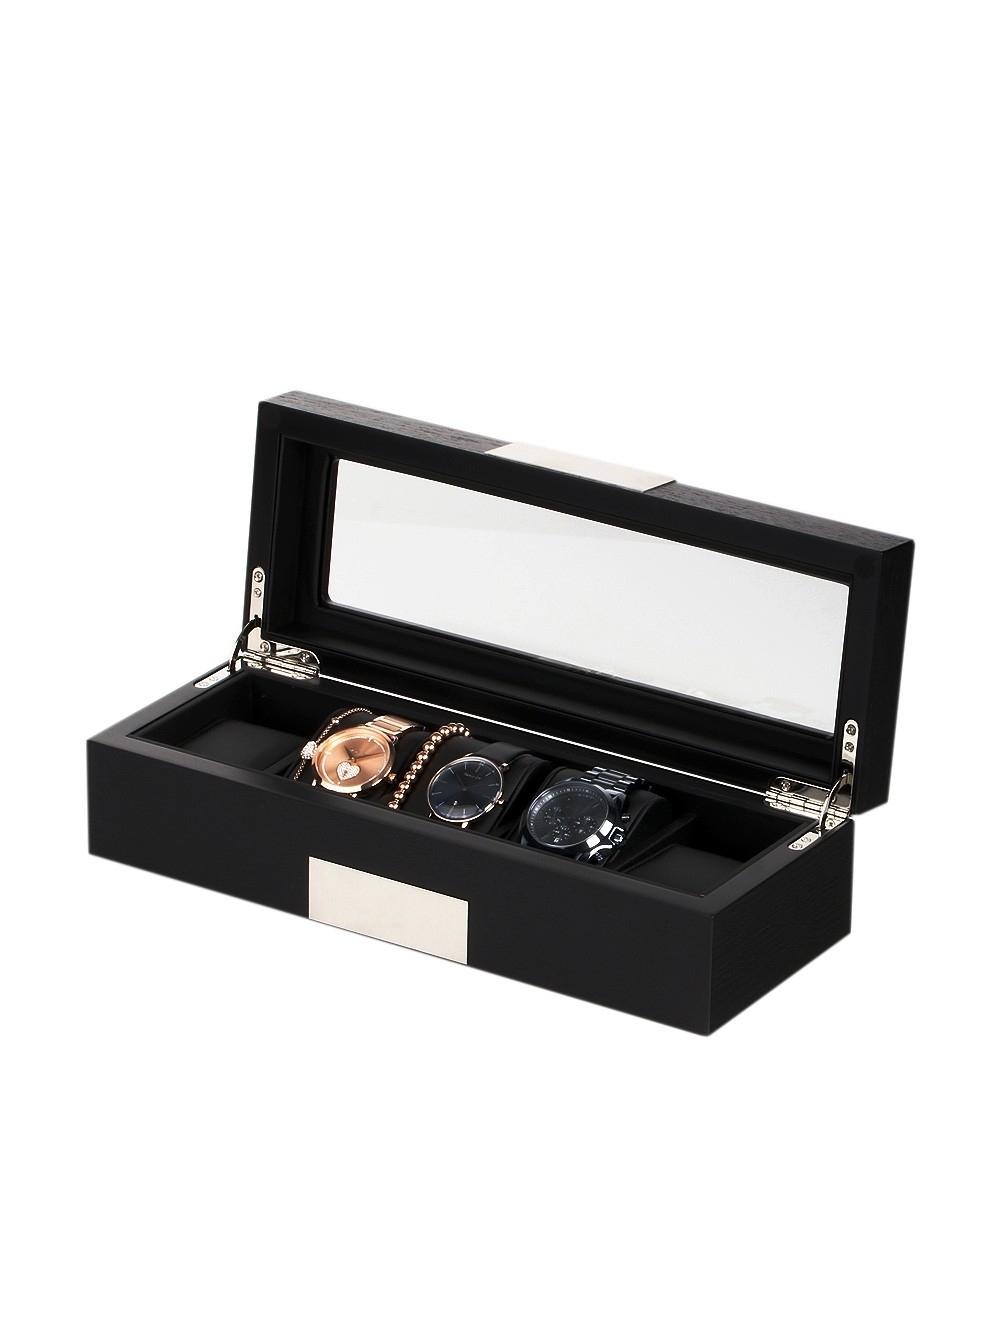 rothenschild uhrenbox rs-2350-5bl für 5 uhren black